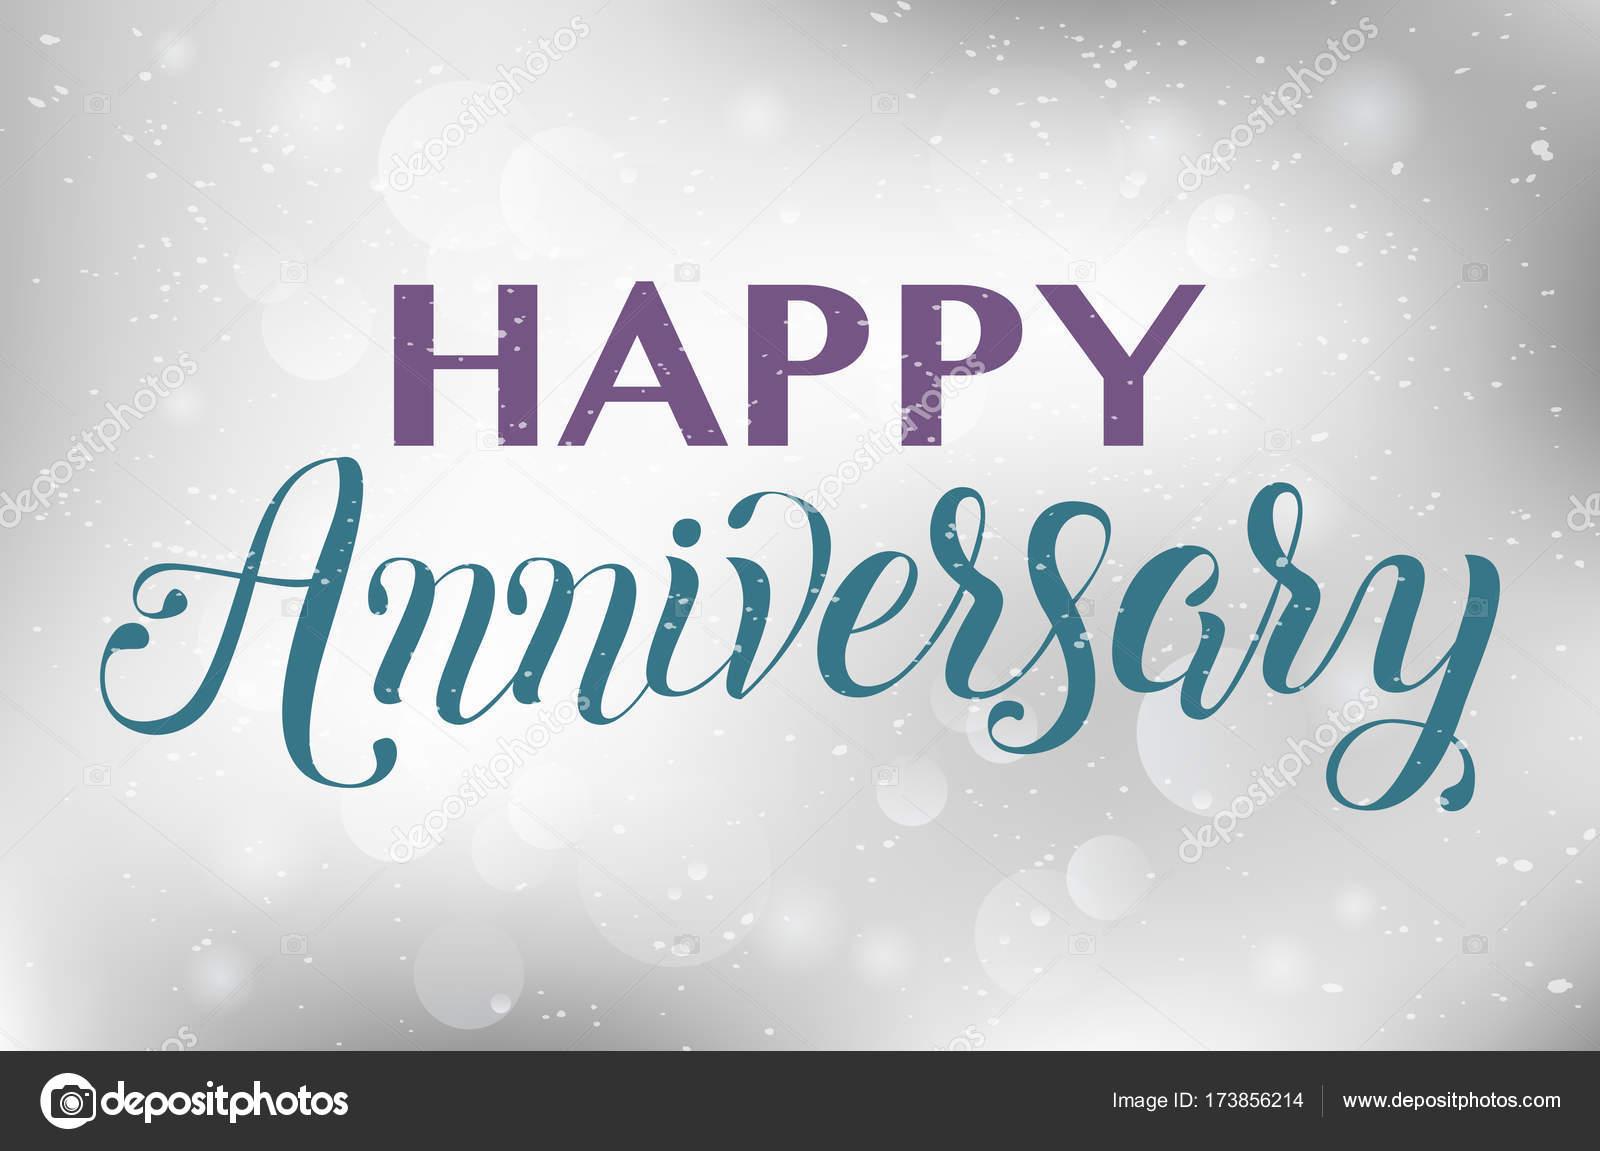 Happy anniversary hand lettering u stock vector tiny selena